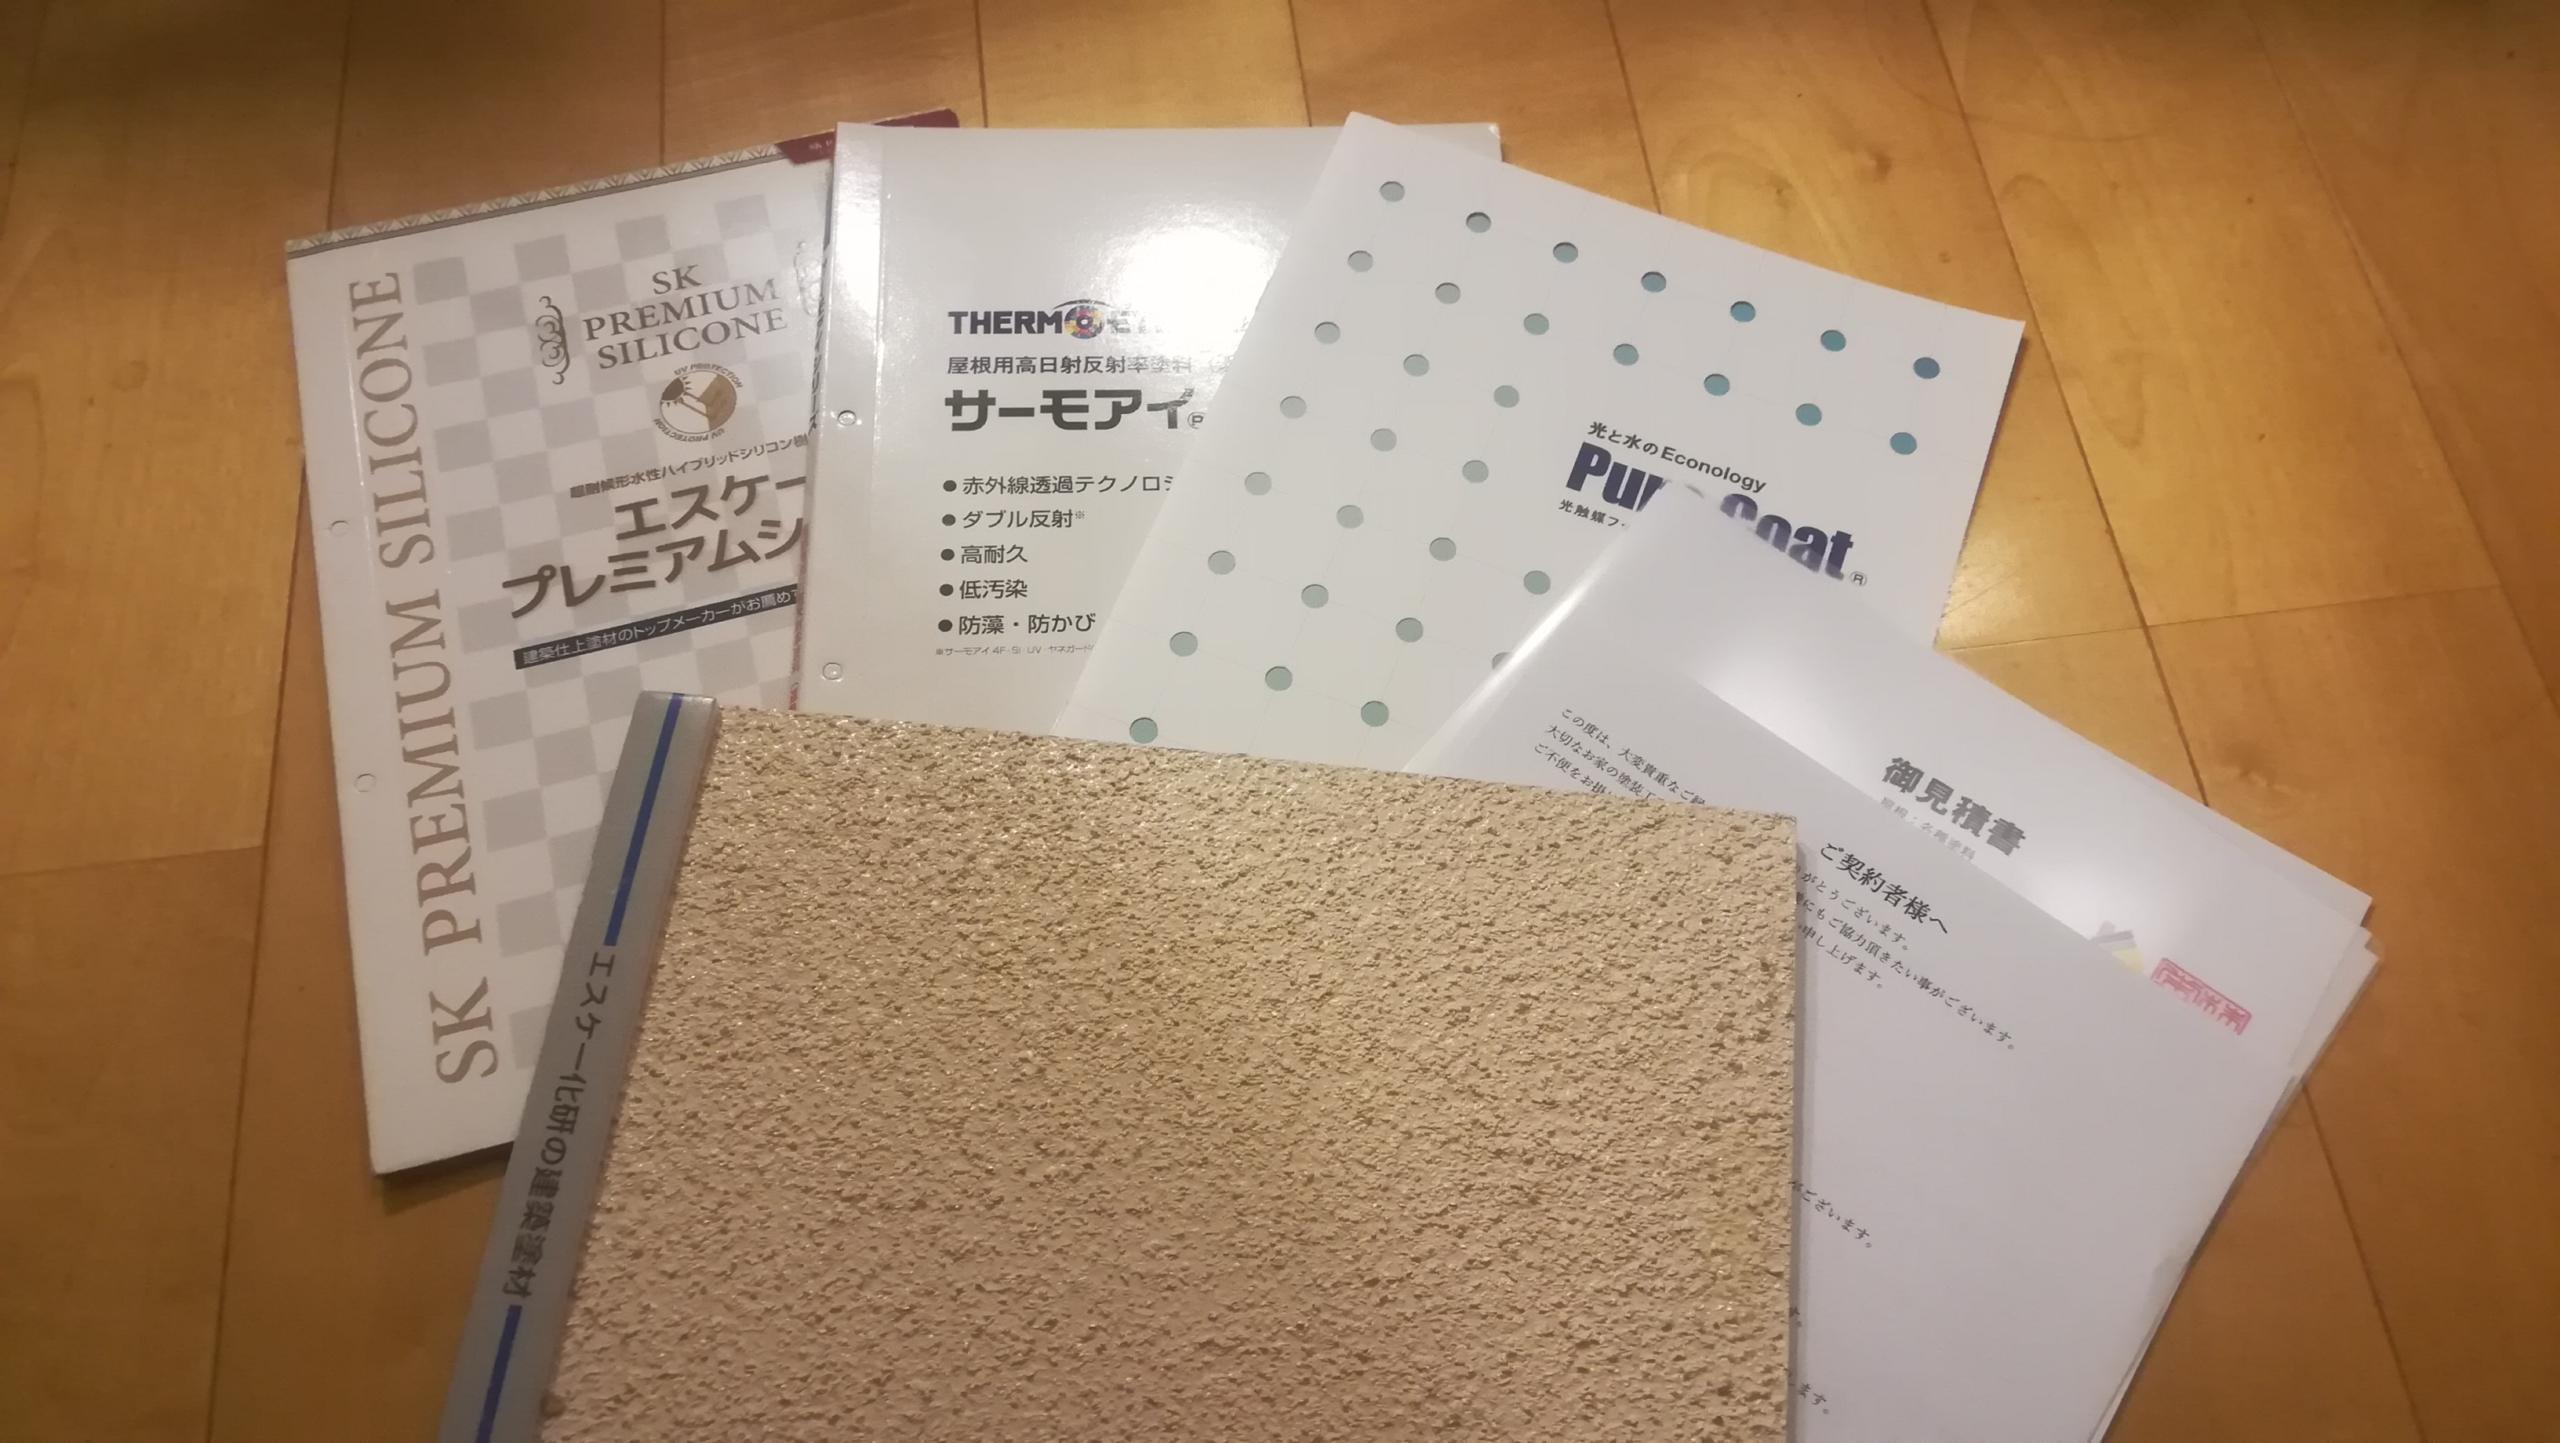 【戸建てメンテの記録】遮熱塗料やフッ素コートで壁・屋根塗装 サーモアイ・ピュアコ